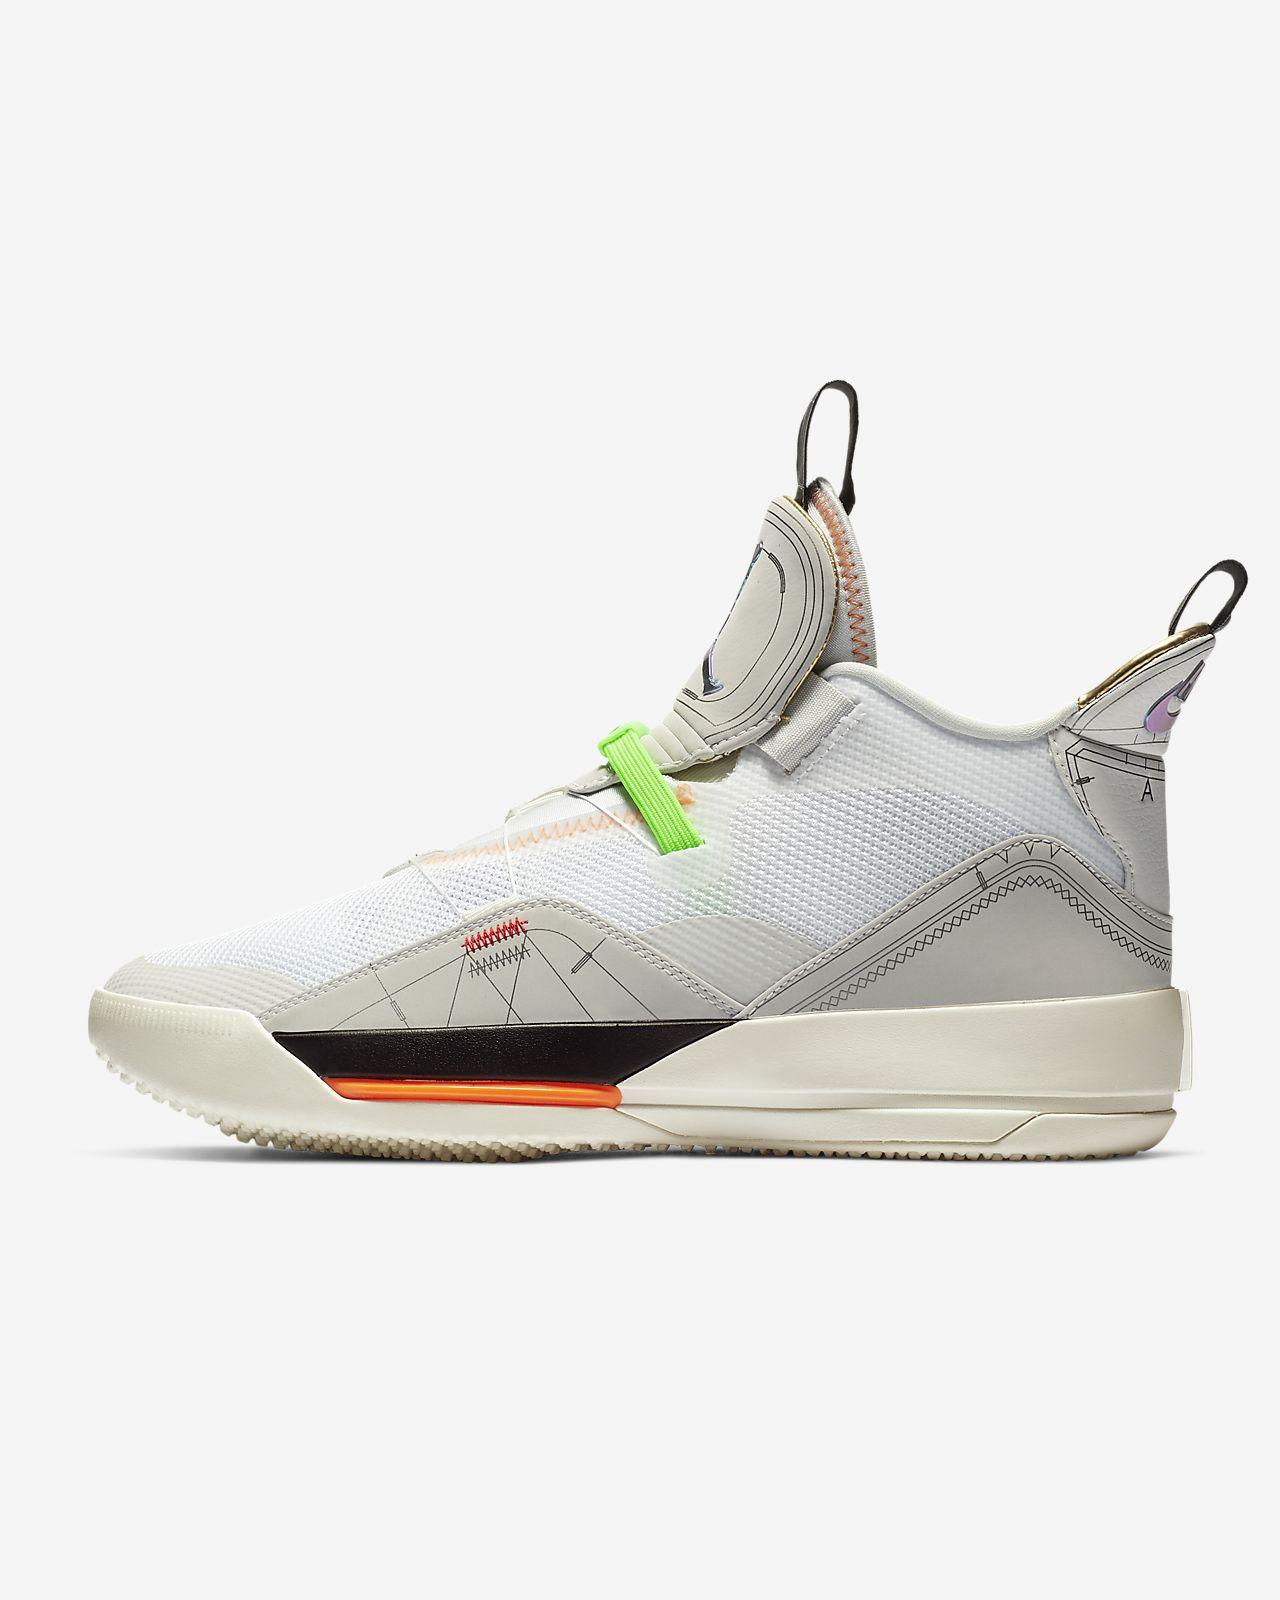 Air Jordan XXXIII kosárlabdacipő